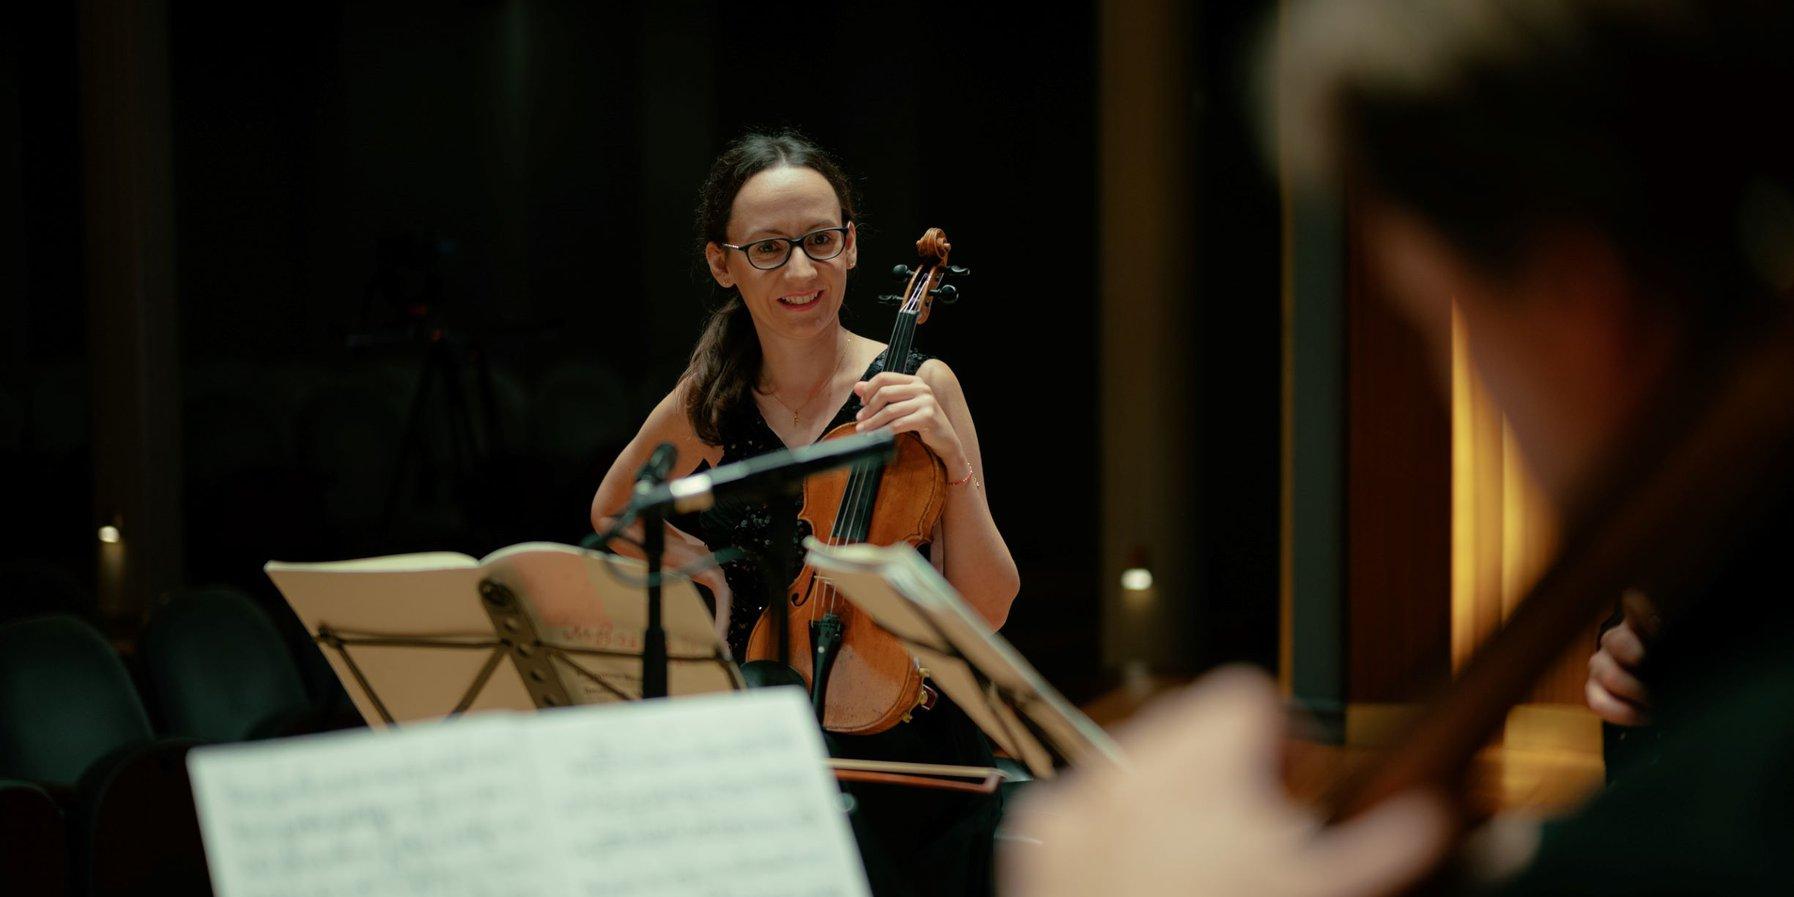 Agata Szymczewska, violinist in the Szymanowski Quartet